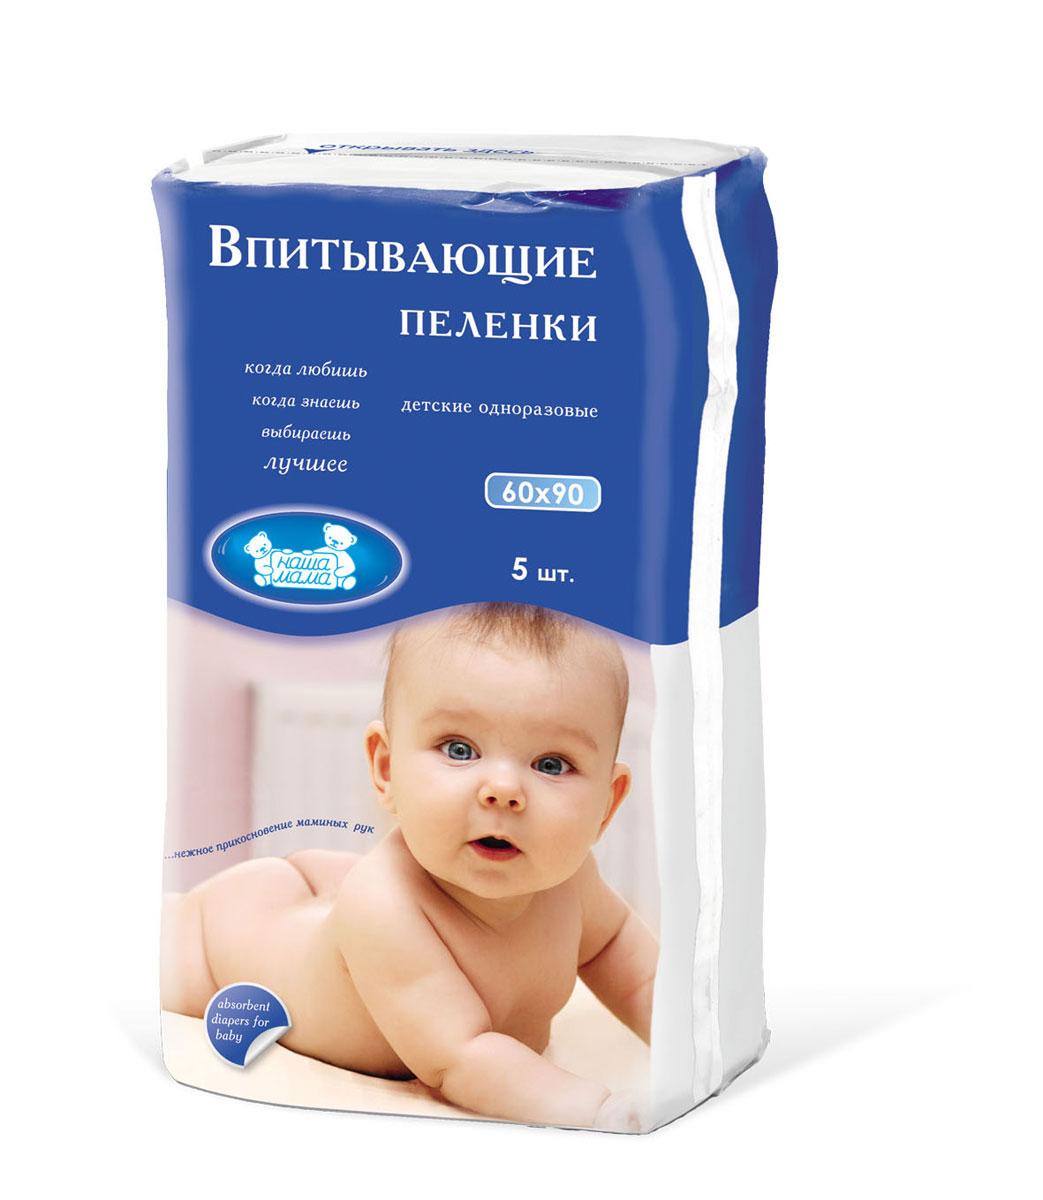 Наша Мама Пеленки впитывающие, детские, одноразовые, 60 см x 90 см, 5 шт6905Практичные и супервпитывающие пеленки Наша Мама помогают создать комфорт для малышей. Благодаря непромокаемому нижнему слою эффективно защищают постель от намокания. Мягкий гипоаллергенный нетканый материал приятен коже и не вызывает раздражения. Материал, из которого изготовлены одноразовые детские впитывающие пеленки состоит из трех слоев: - верхний из мягкого гипоаллергенного нетканого волокна, предотвращает возникновение раздражения, оставляя кожу чистой и сухой; - средний - адсорбирующий слой из целлюлозы впитывает до 1 литра; - нижний - нетоксичный полиэтилен, обеспечивает полную непроницаемость.